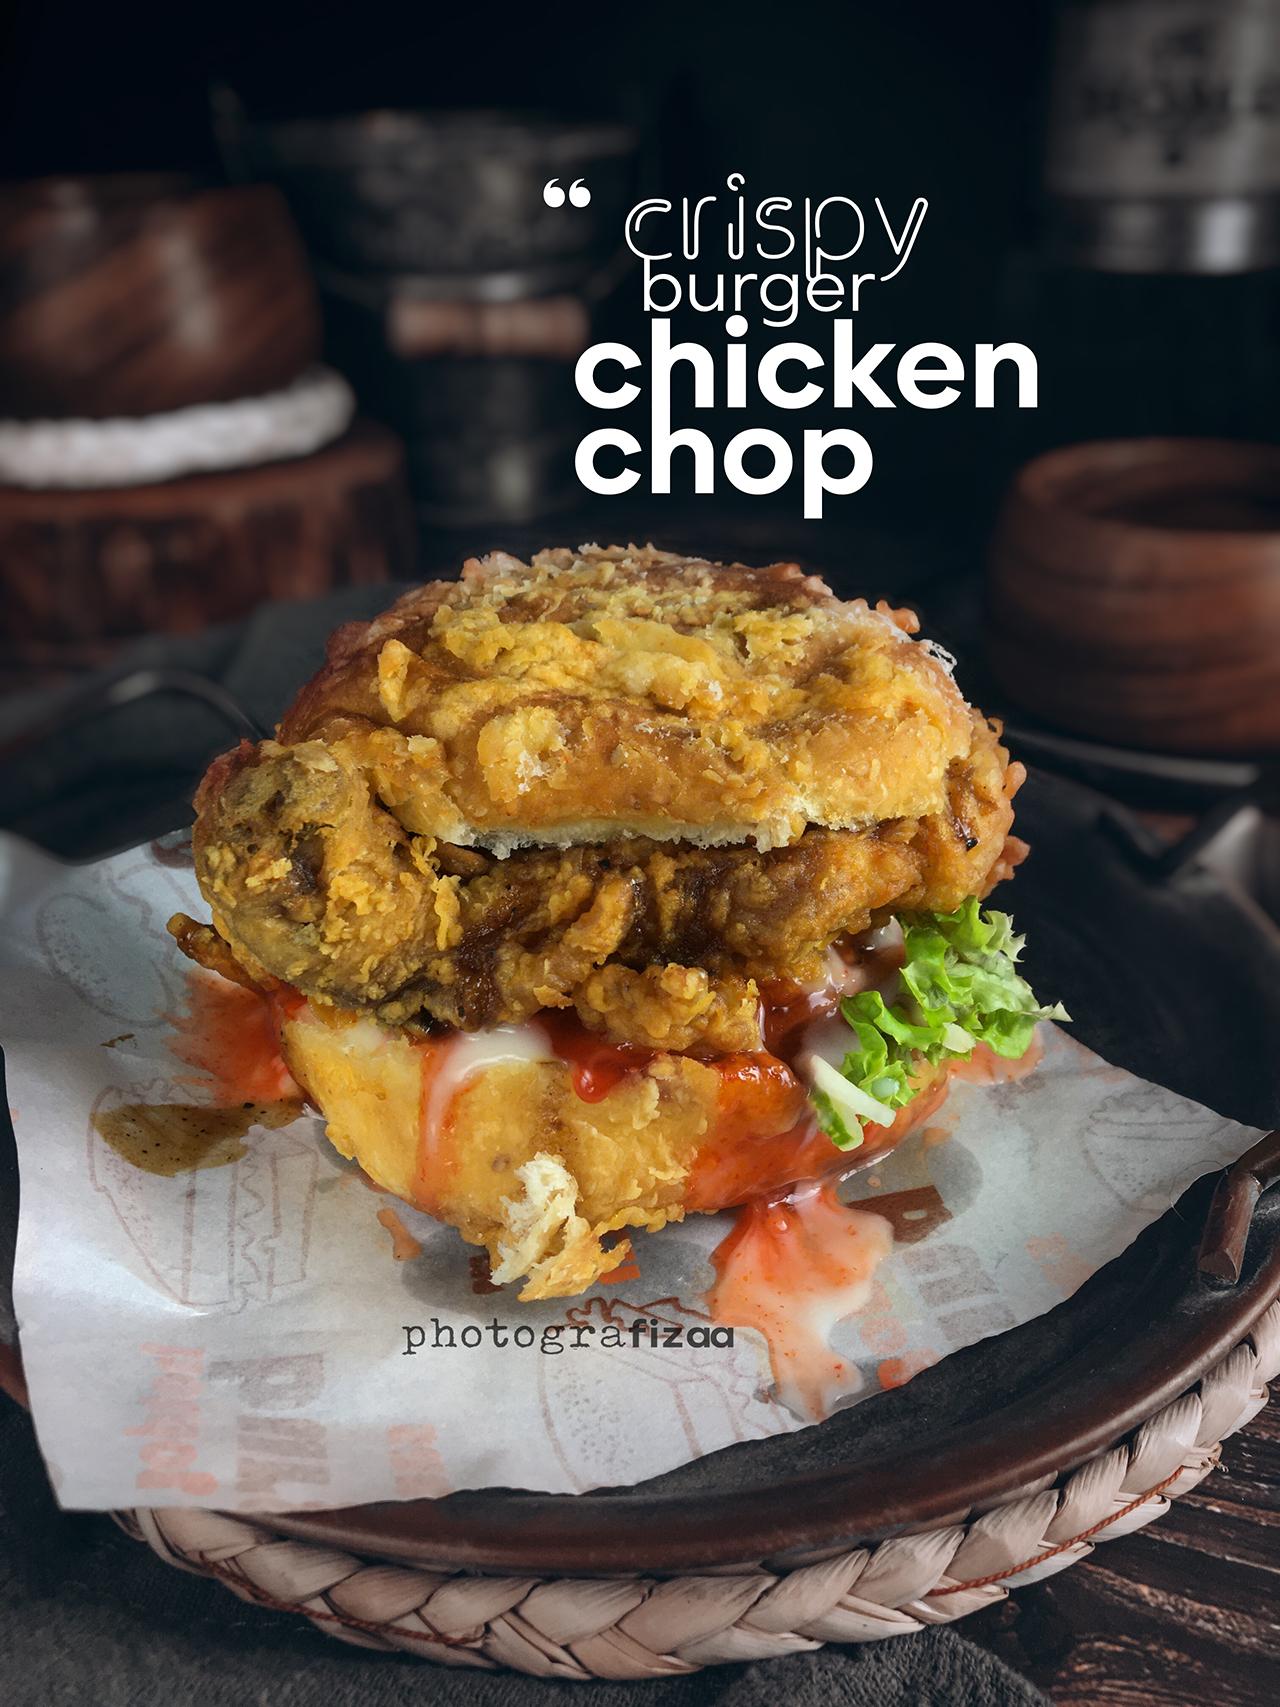 Burger Crispy Chicken Chop